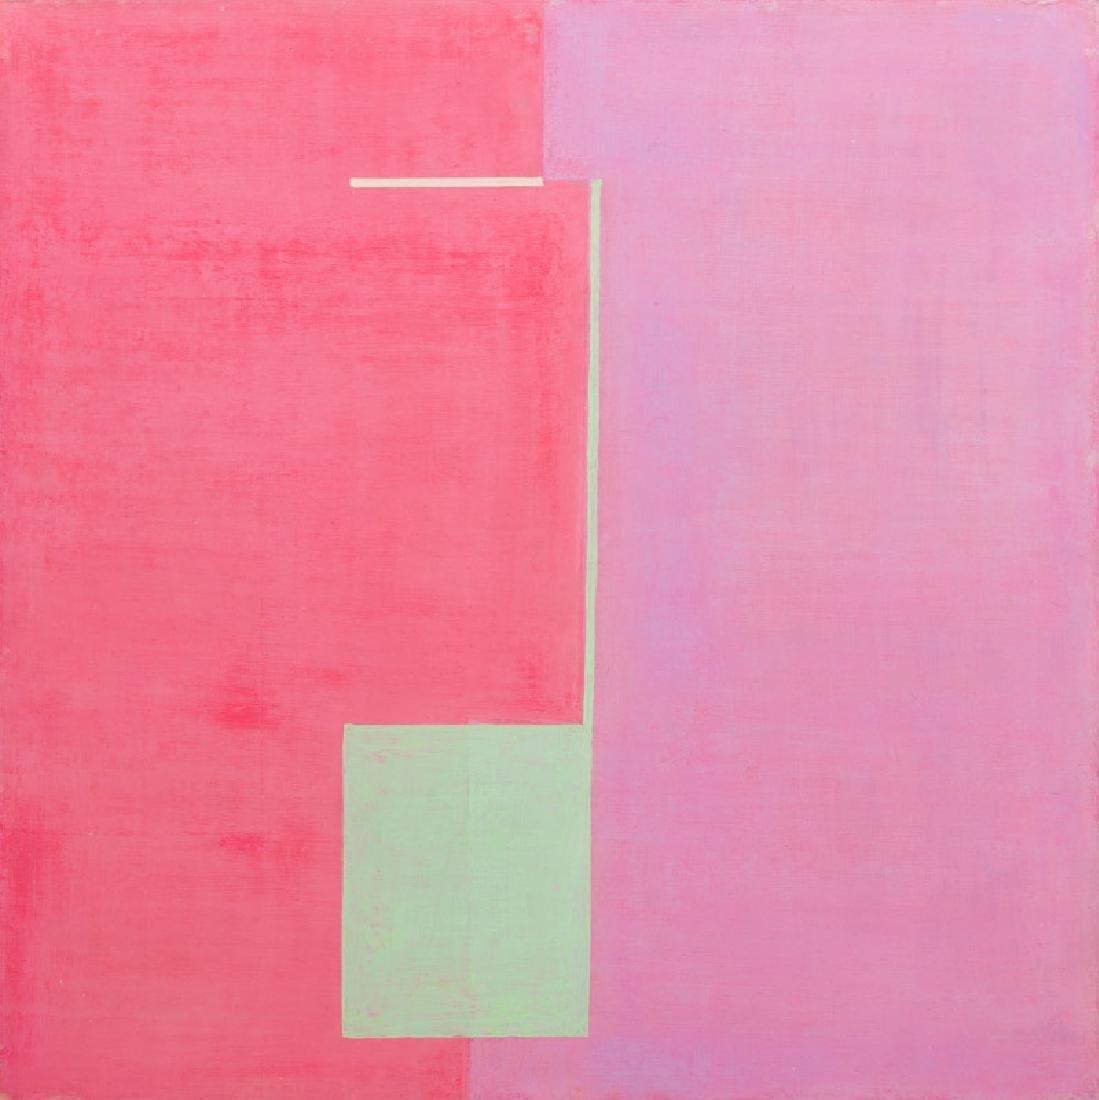 Henryk Stazewski (1894 - 1988) Relief No. 4, 1973;